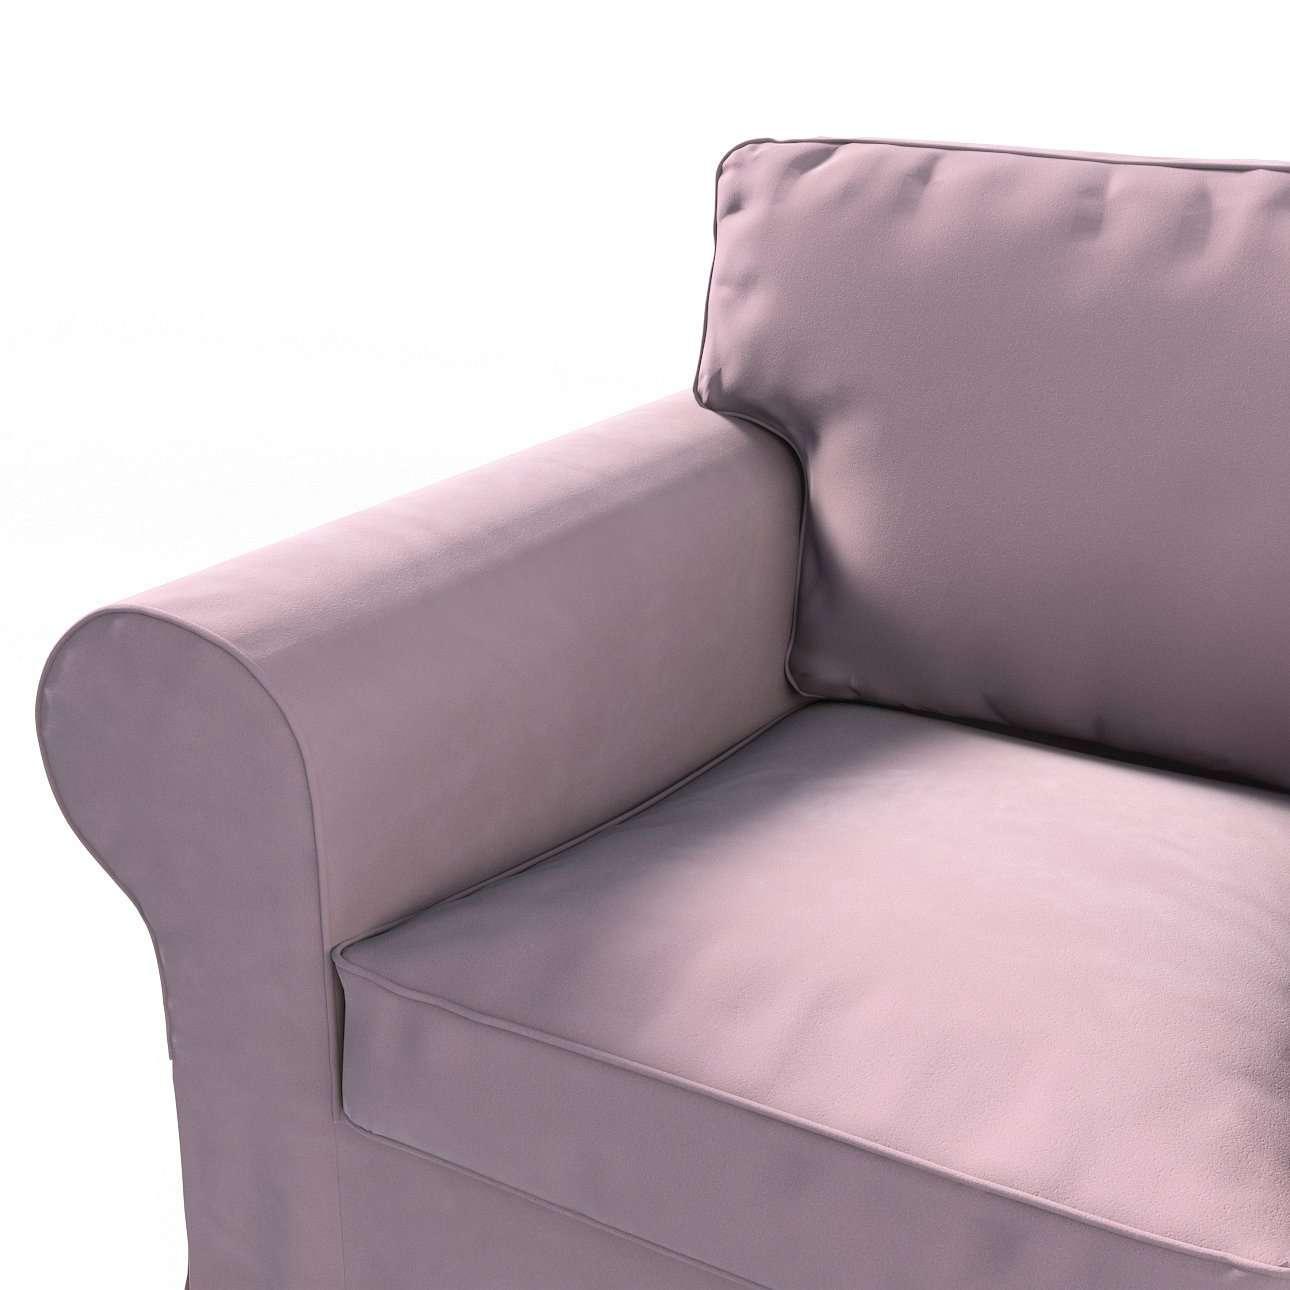 Pokrowiec na fotel Ektorp w kolekcji Velvet, tkanina: 704-14